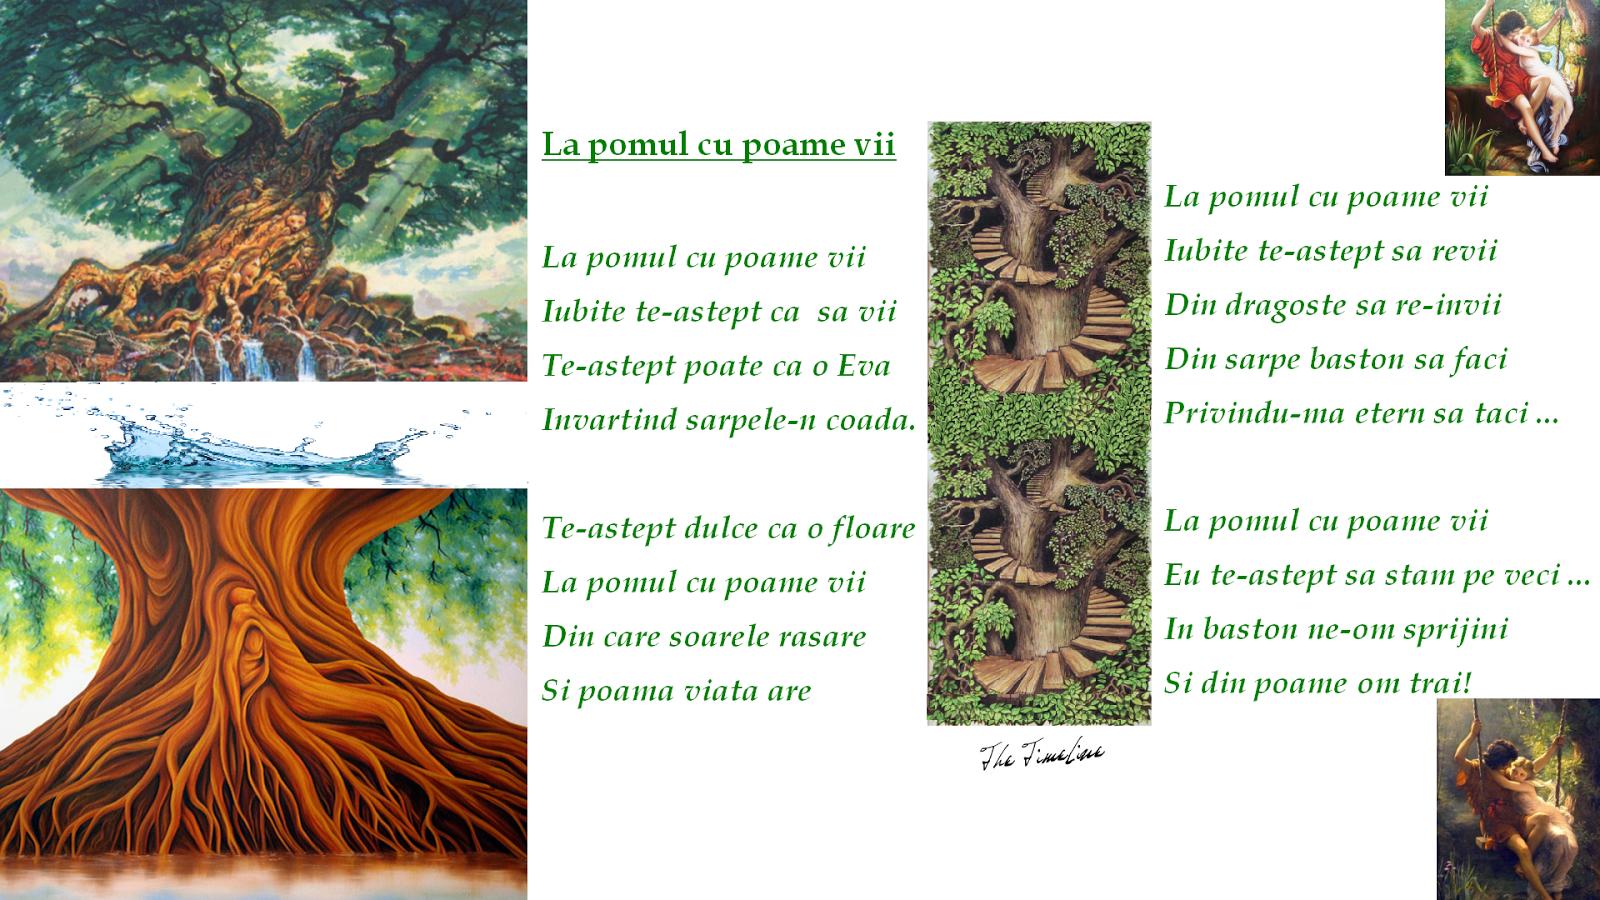 la pomul cu poame vii poezie dragoste Eva intelepciune cunoastere iubire Adam biblie intelepciune etern